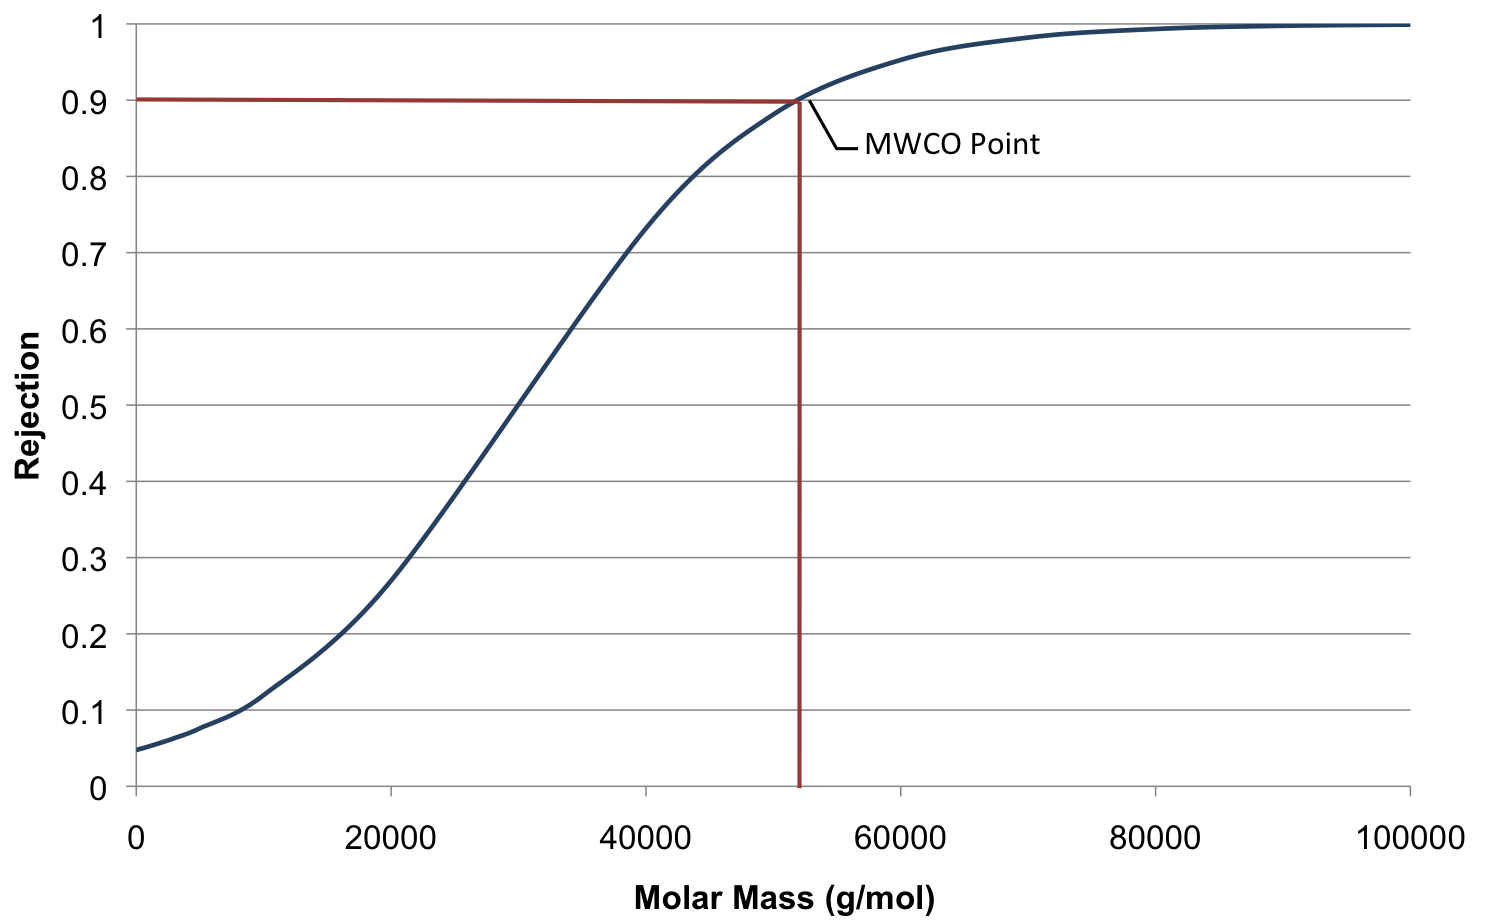 mwco membrane definition